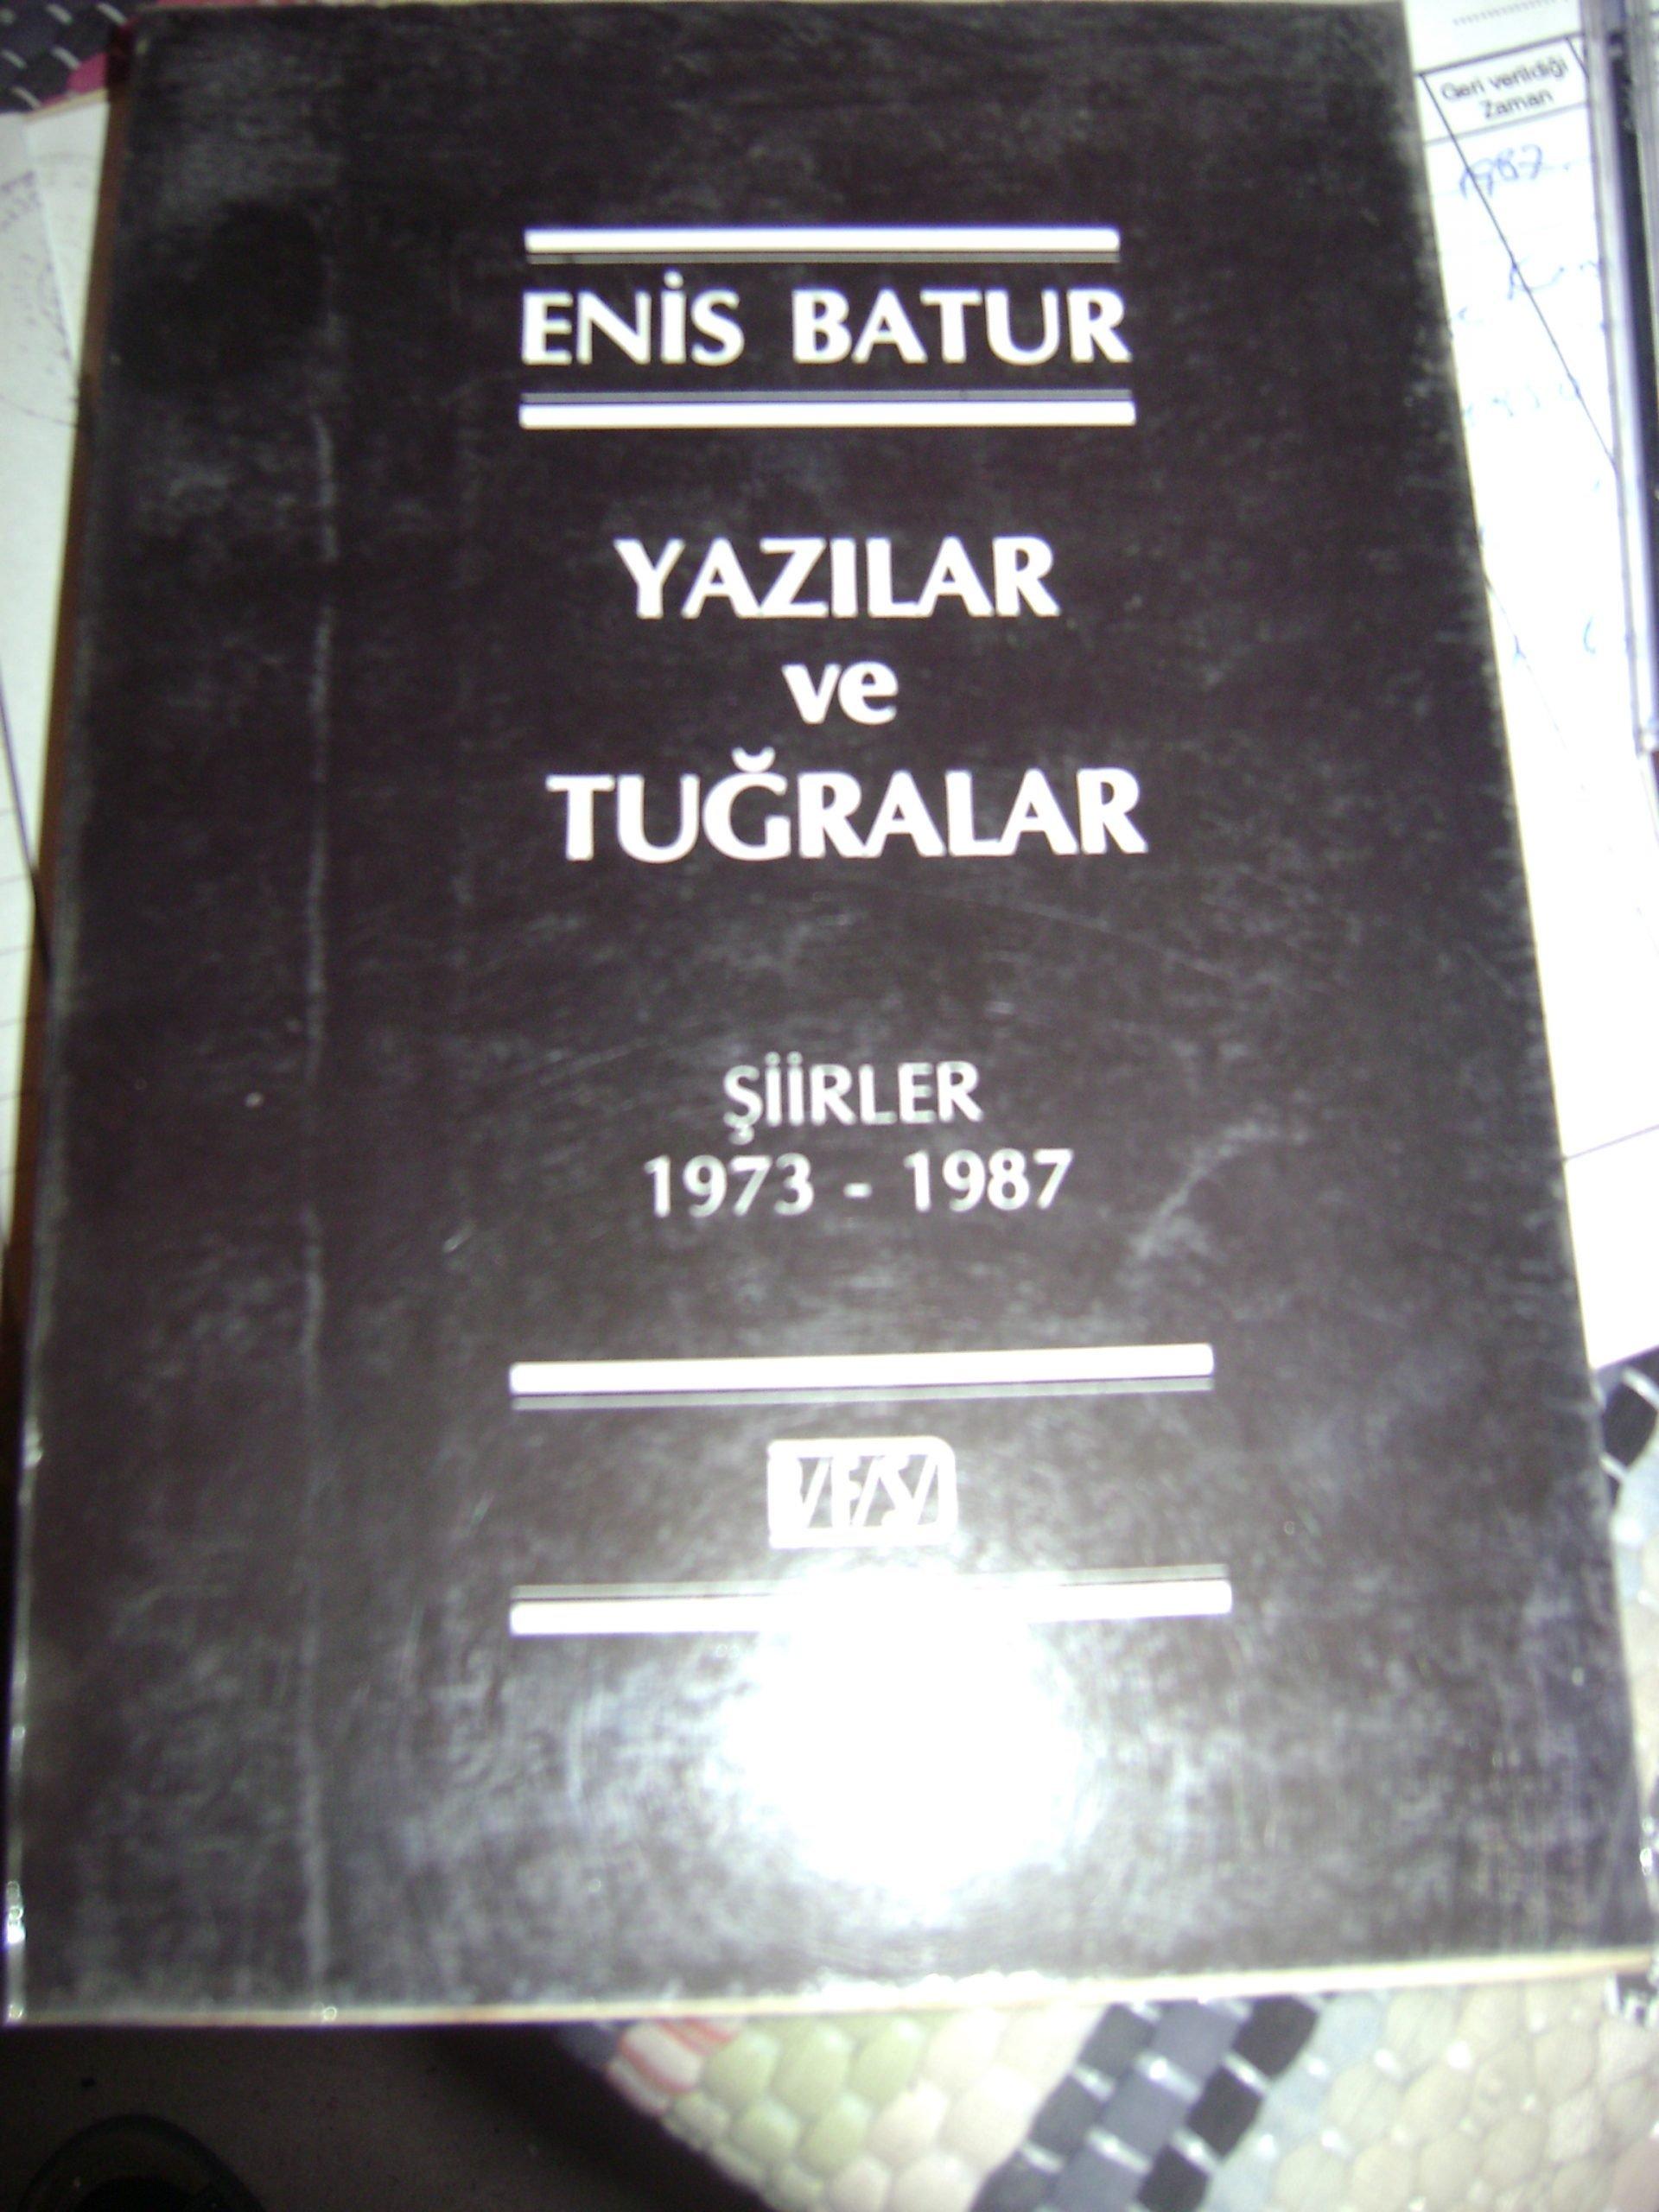 YAZILAR VE TUĞRALAR (ŞİİRLER 1973-1987) ENİS BATUR /20 TL